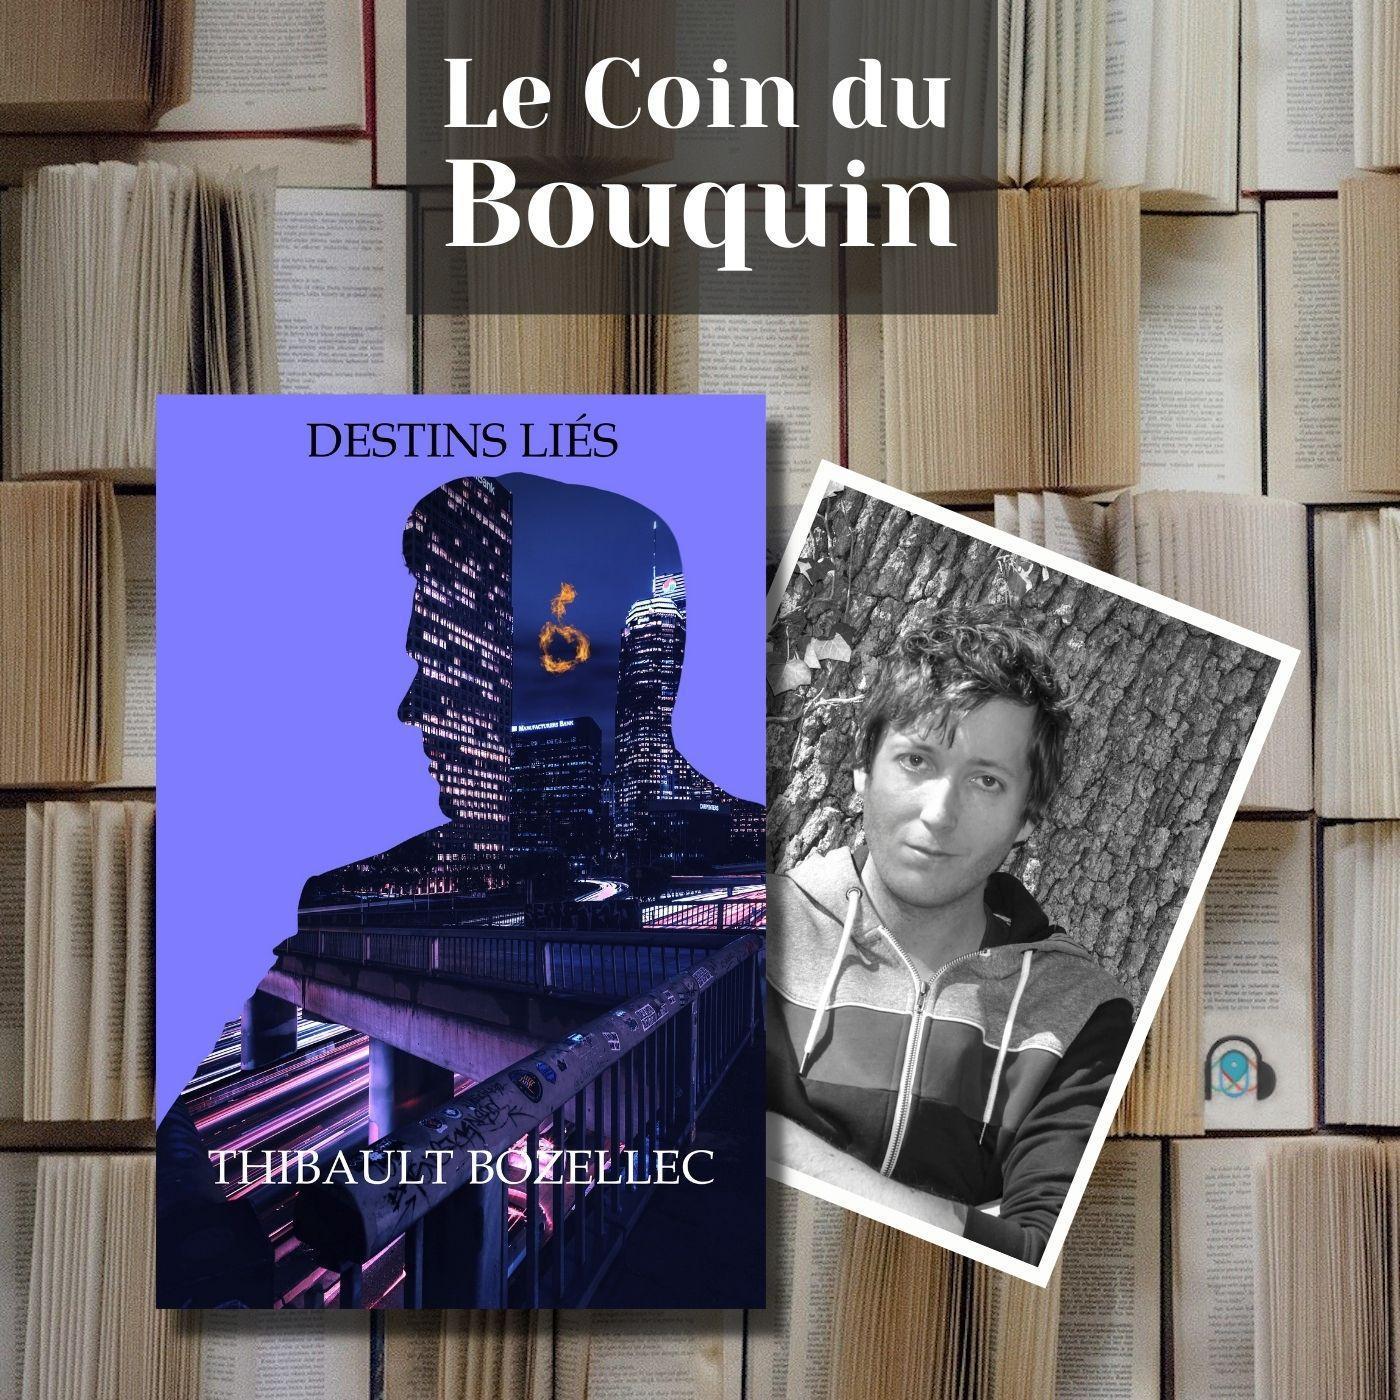 LE COIN DU BOUQUIN : Thibault Bozellec - Destins liés